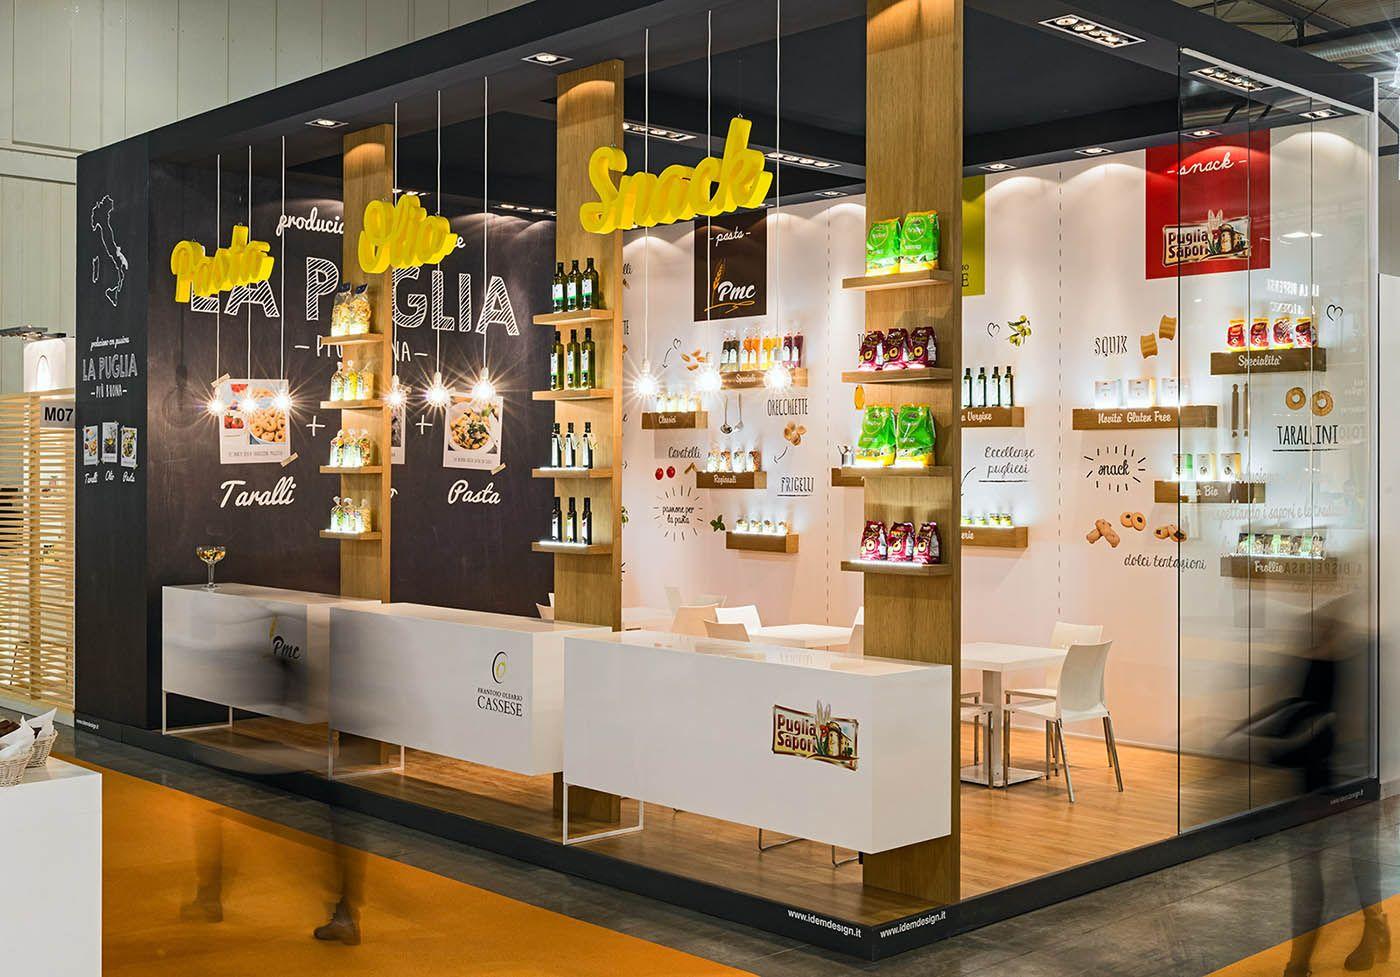 Exhibition Stand Food : Puglia sapori fiera tutto food milano